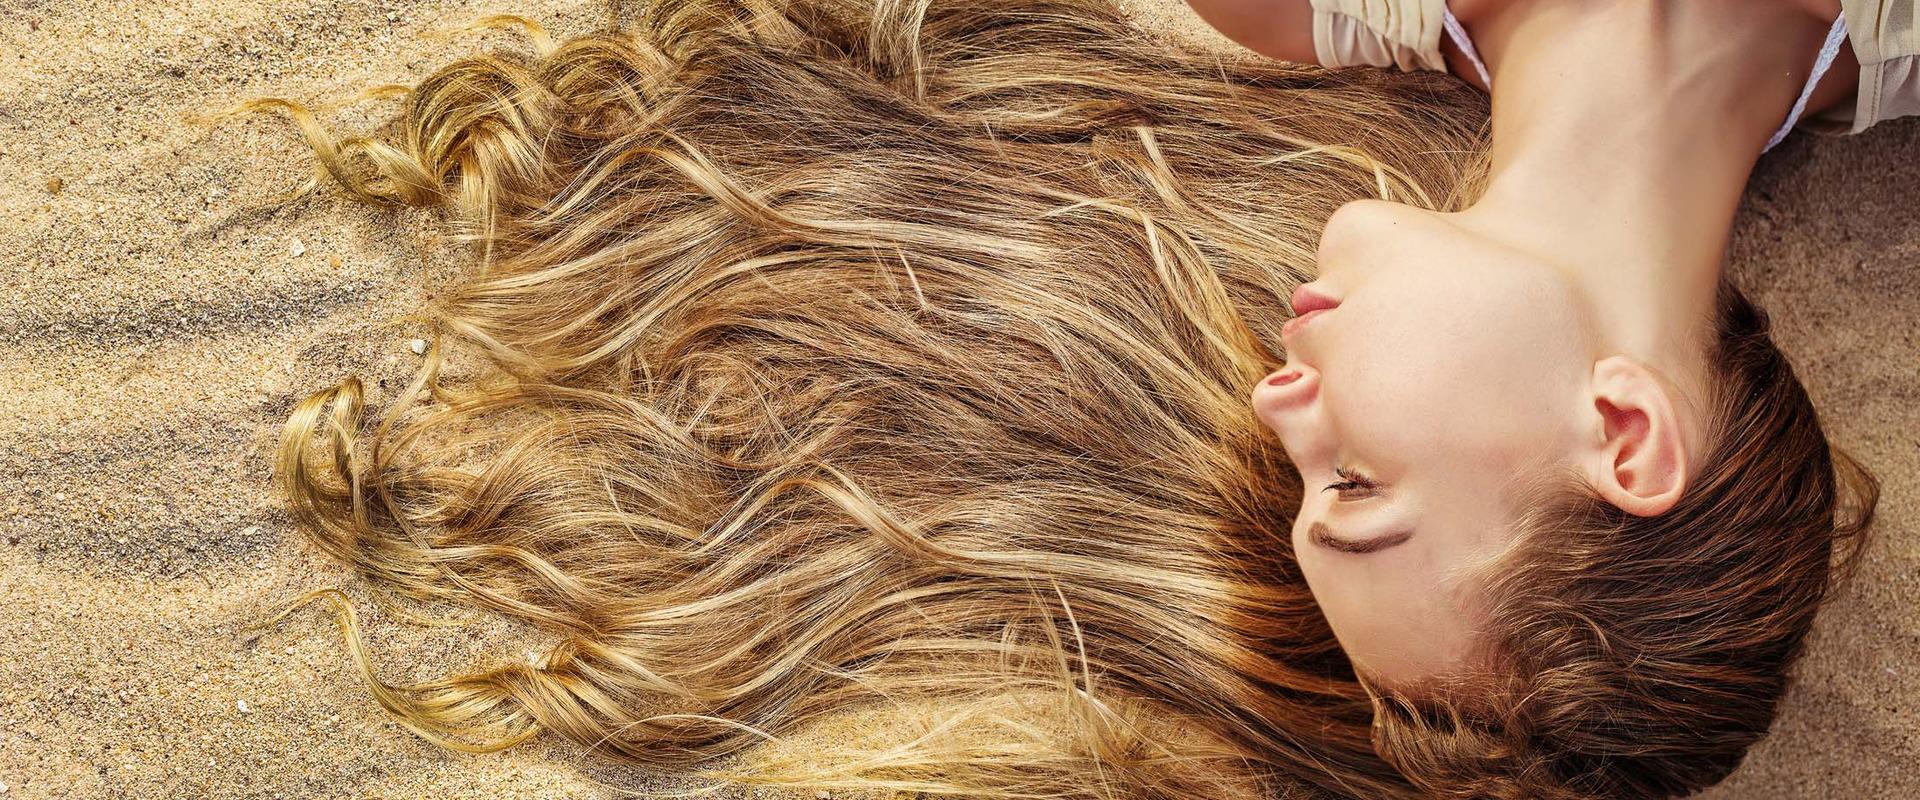 claudio hair salon